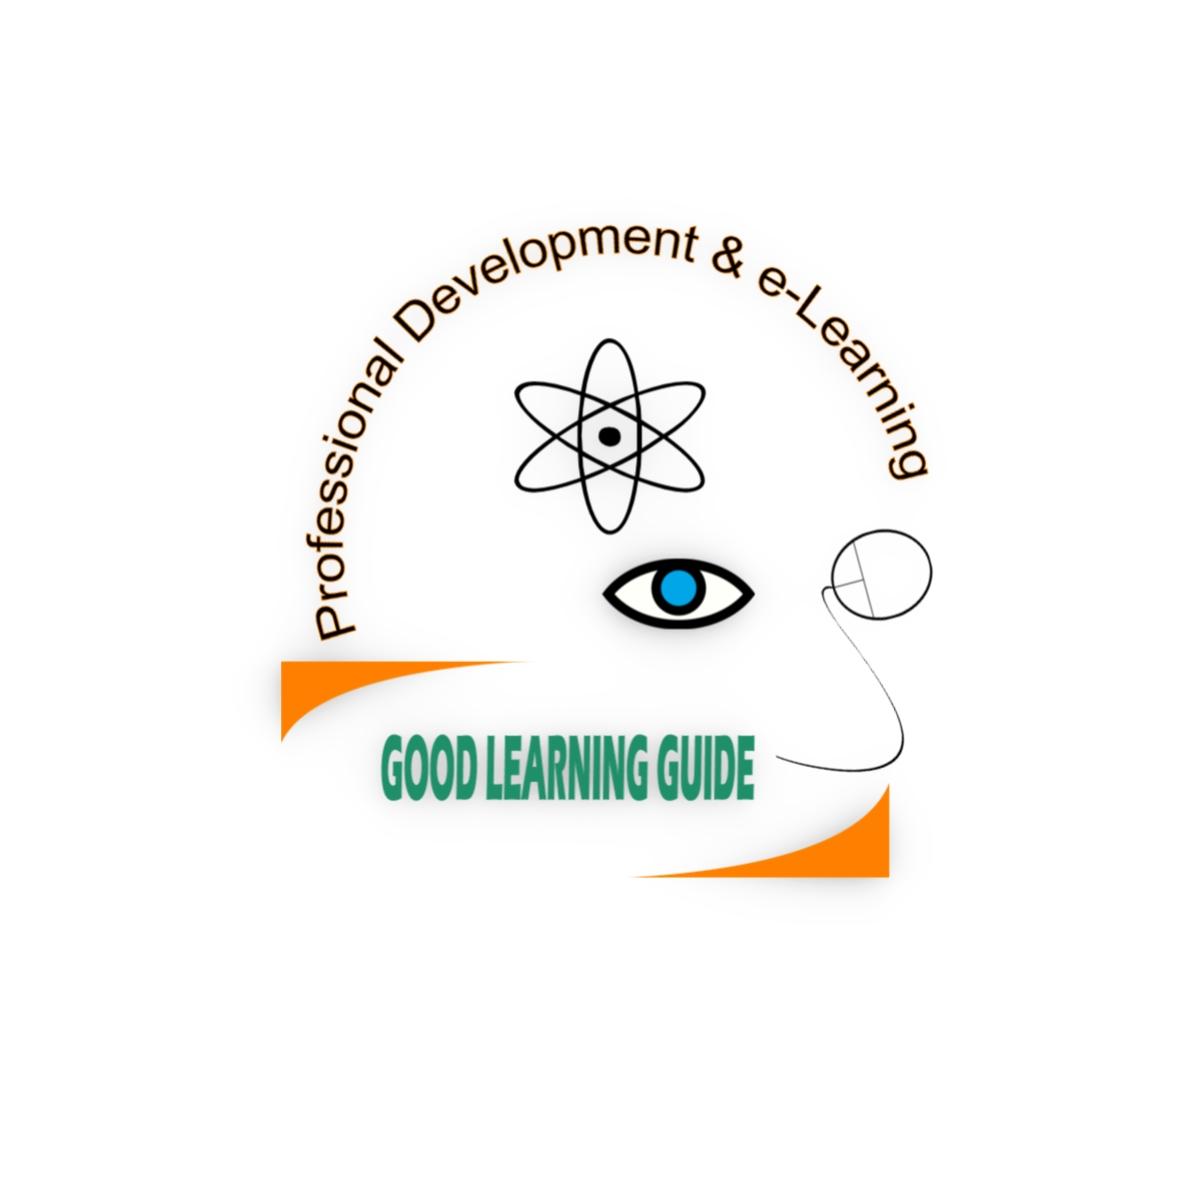 Logo Design by Joseph calunsag Cagaanan - Entry No. 98 in the Logo Design Contest Learning guide logo.